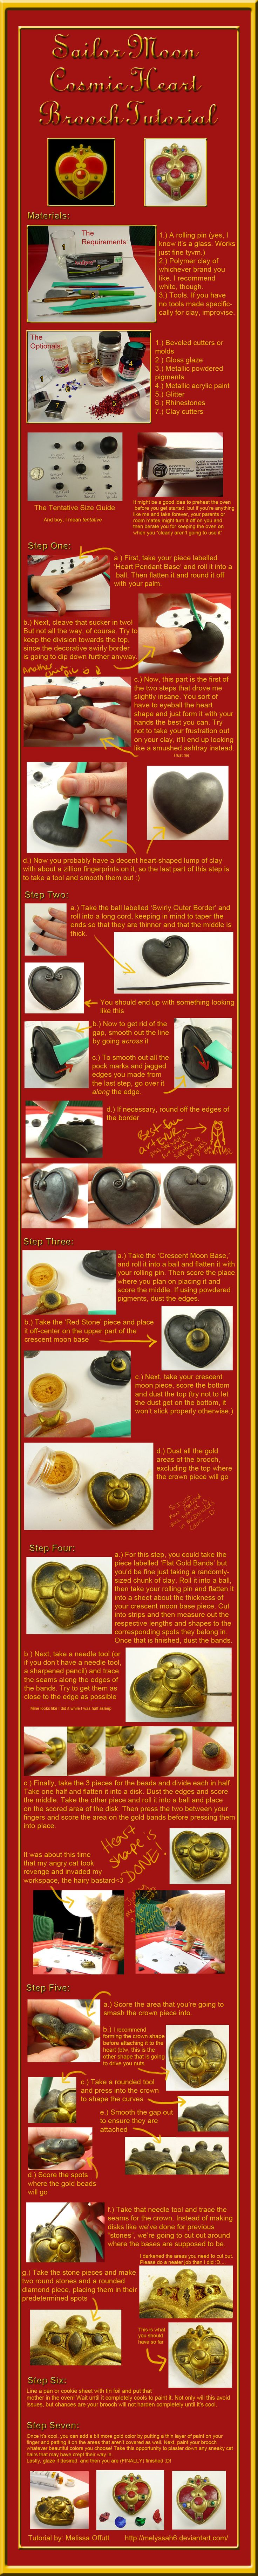 Sailor Moon Cosmic Heart Brooch Tutorial by Melyssah6.deviantart.com